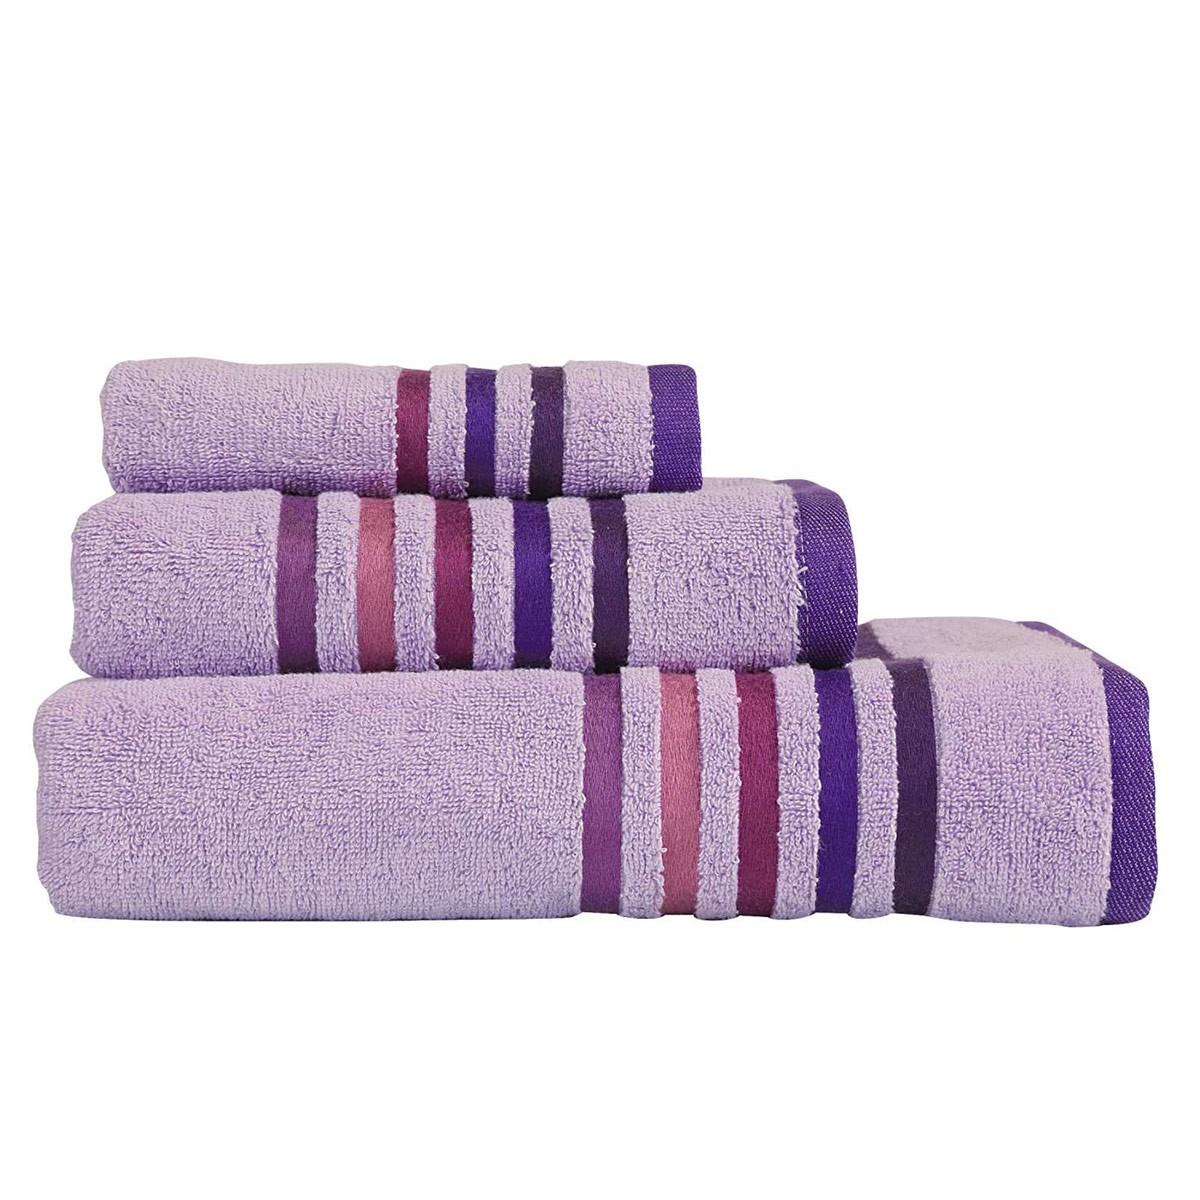 Πετσέτες Μπάνιου (Σετ) Nef-Nef Lines Lilac